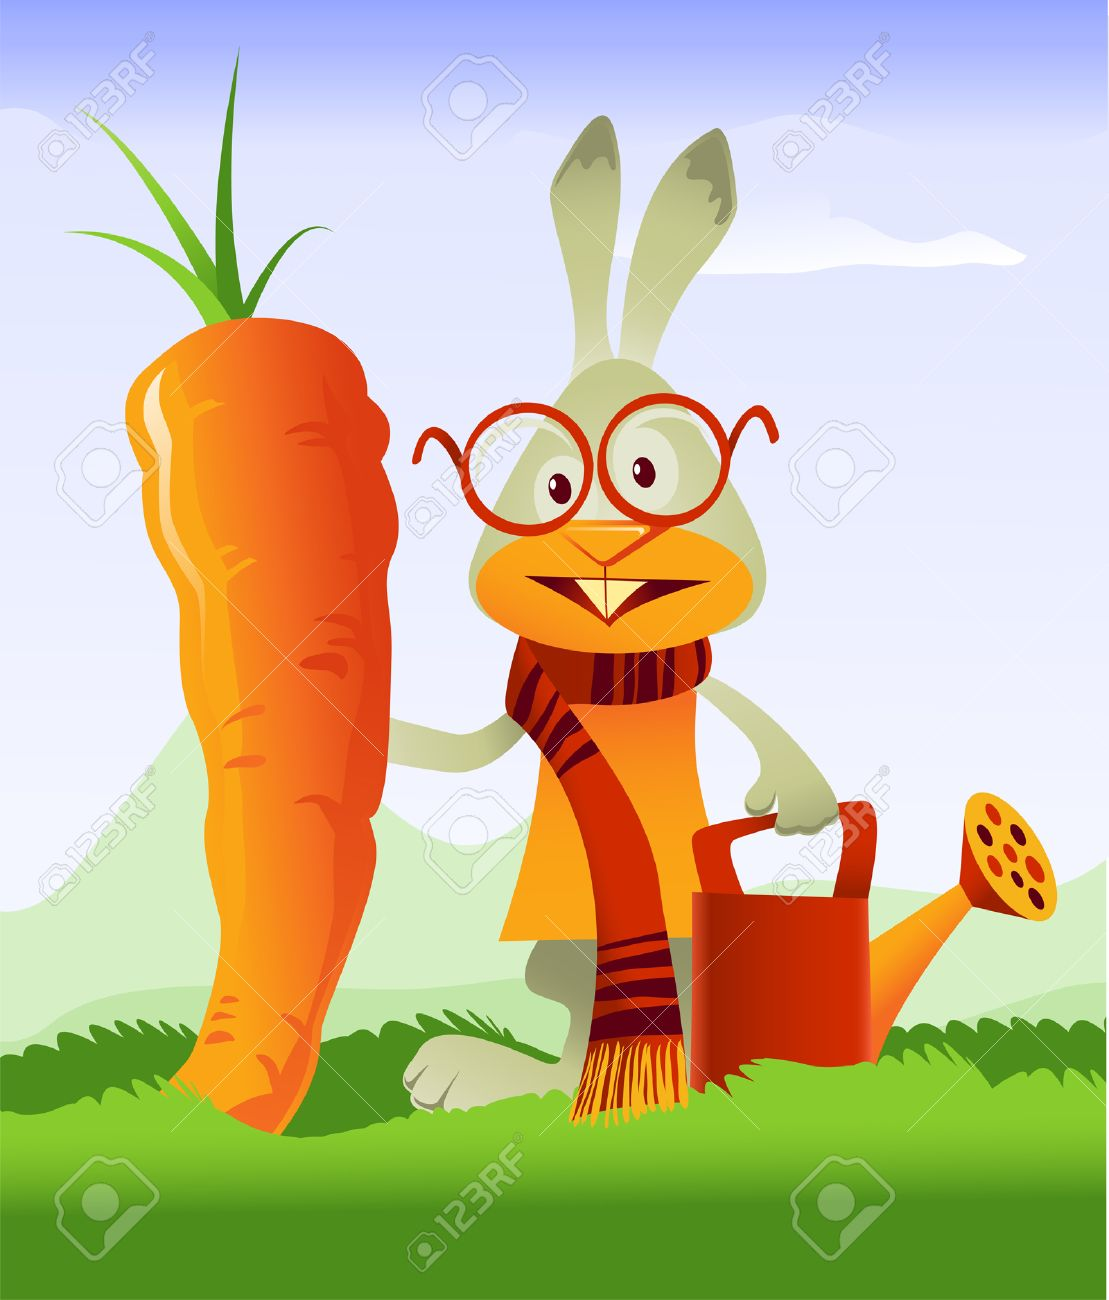 Happy rabbit admiring the gigantic carrot he grew in his garden Stock Vector - 8065146